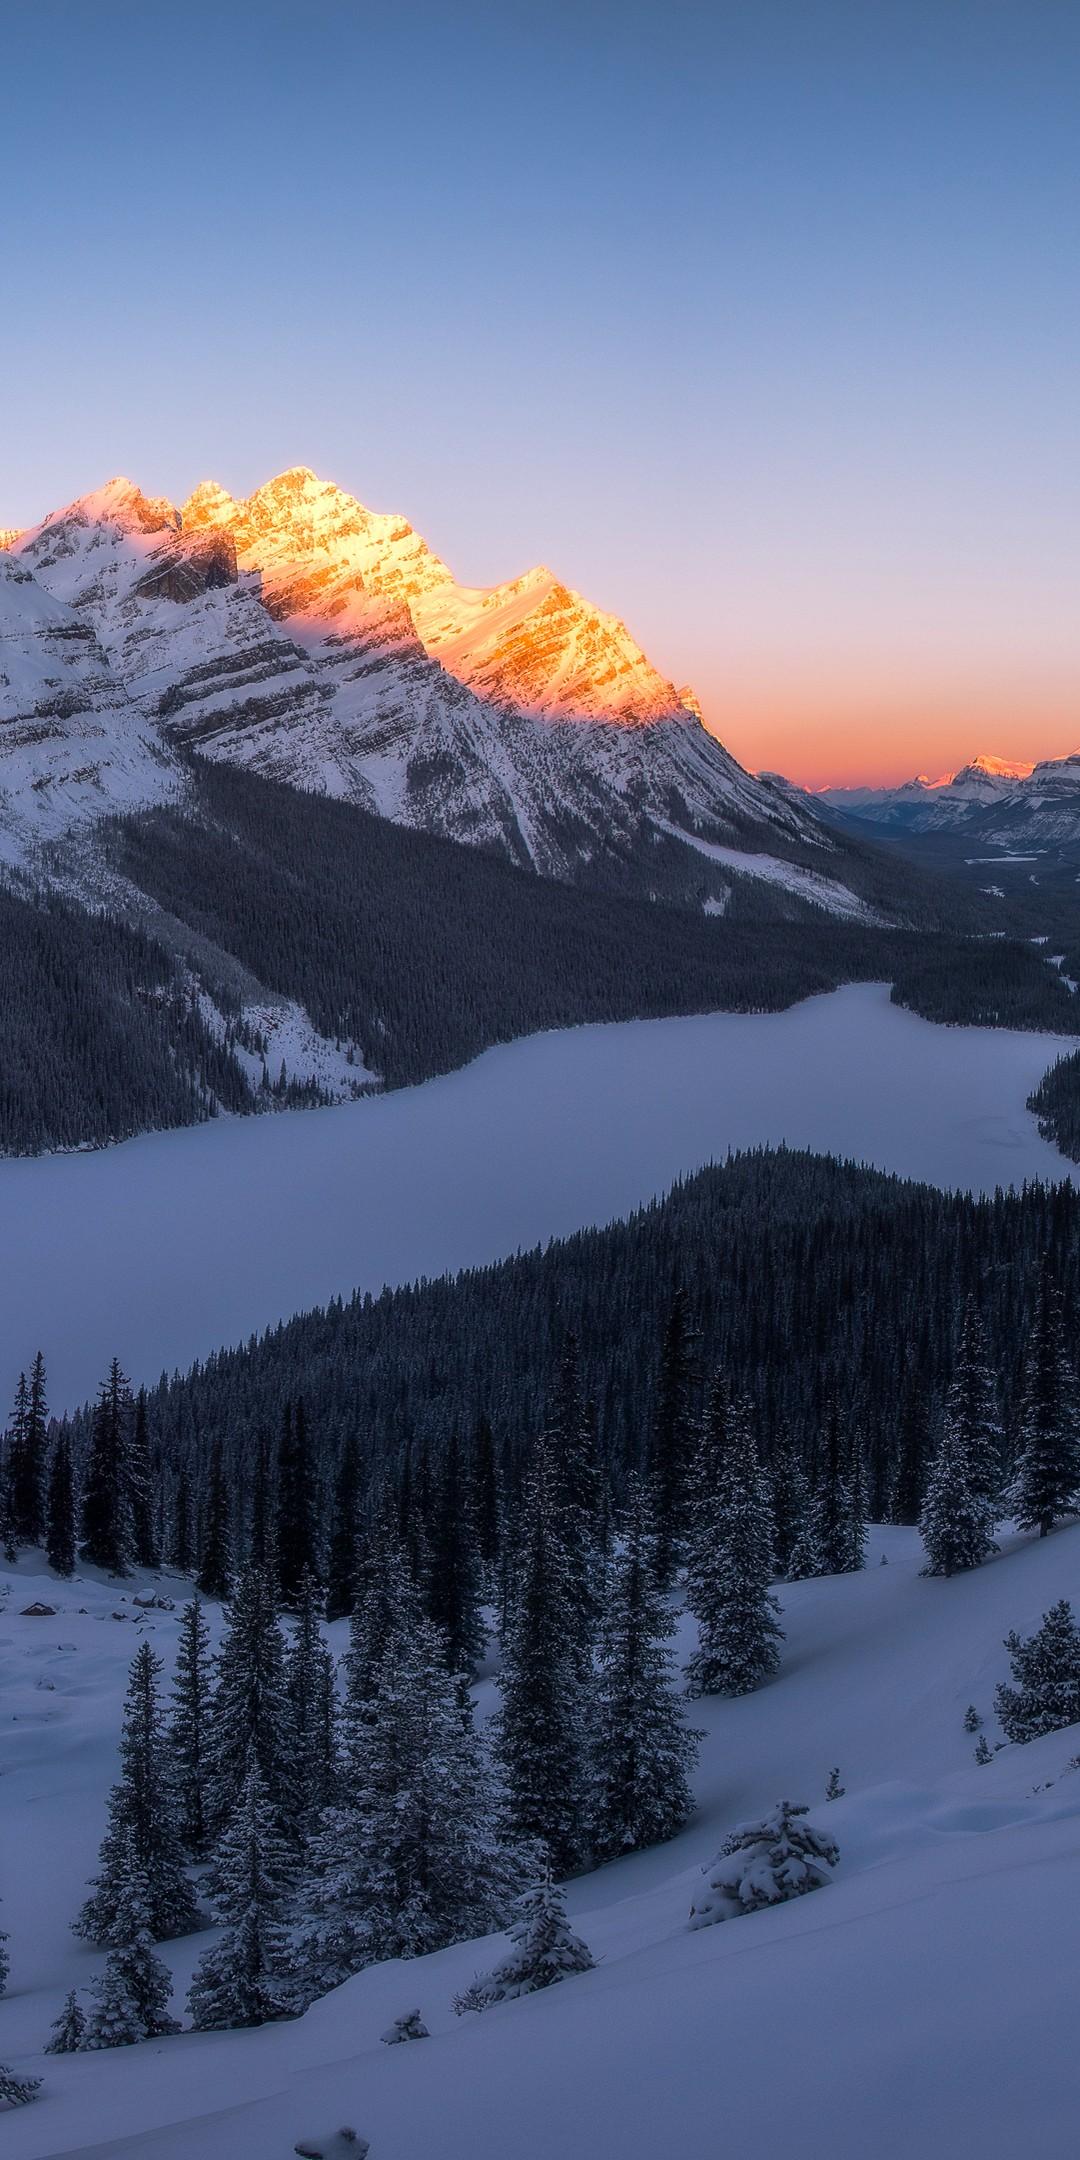 雪山风景壁纸